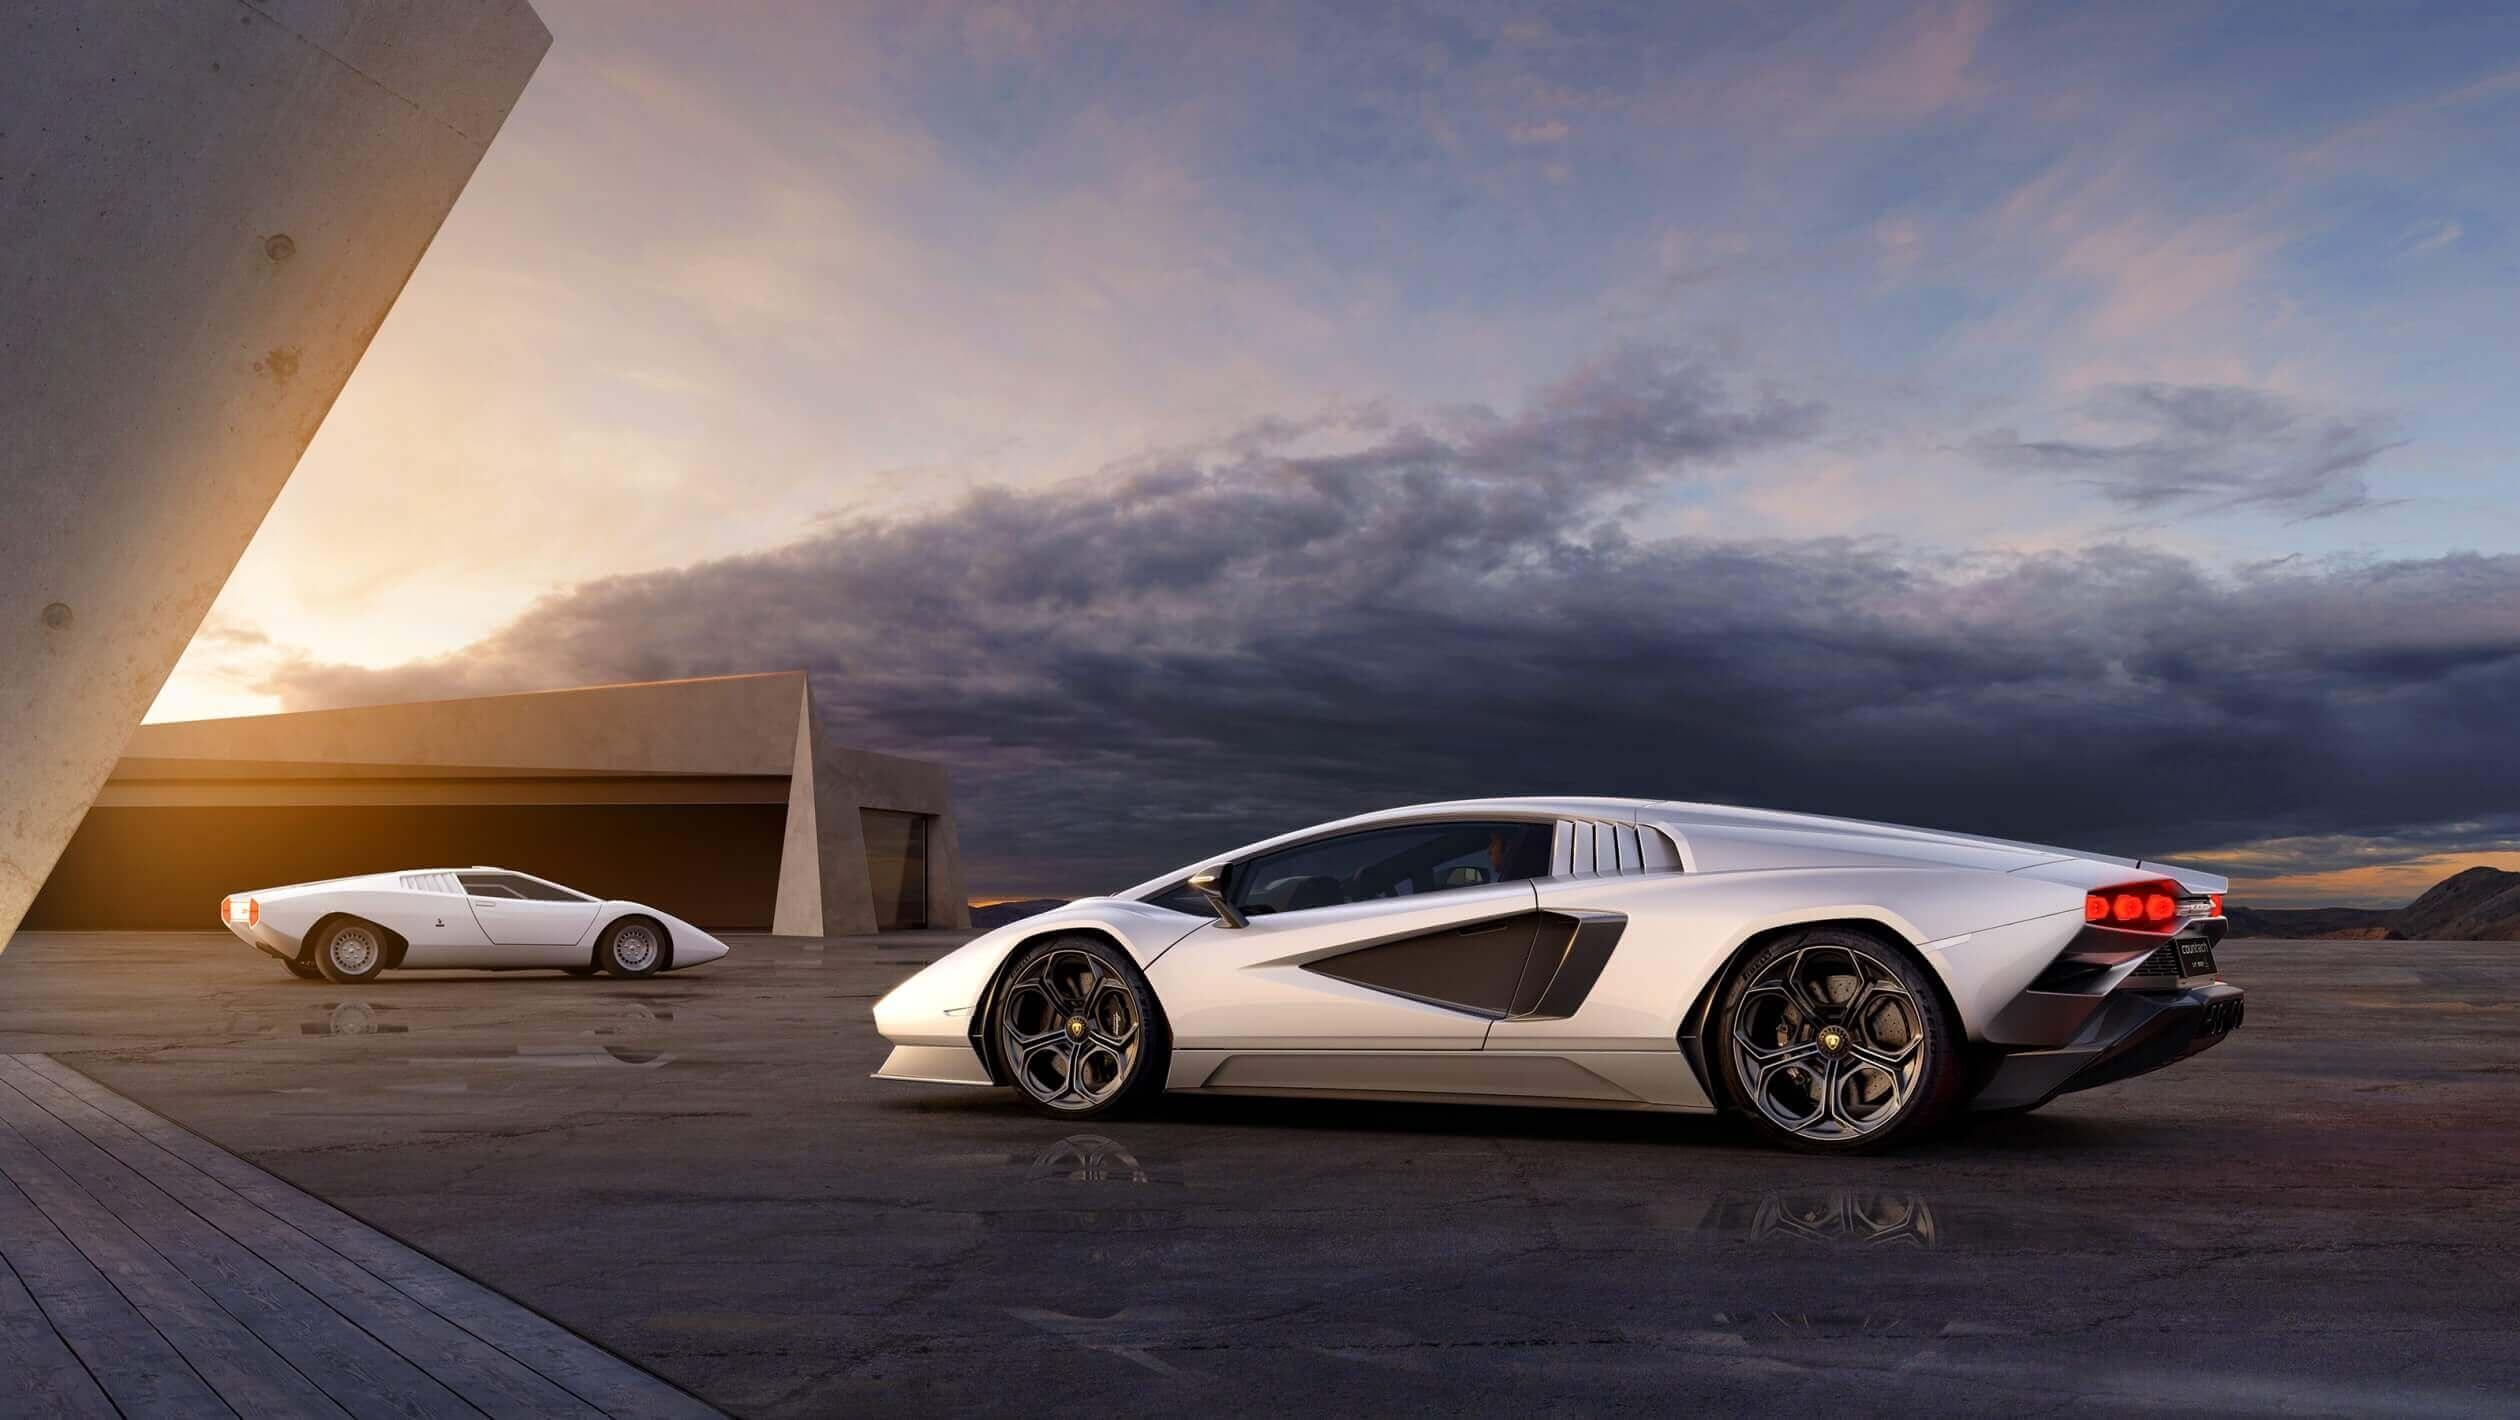 Lamborghini remake classic Countach model for 2022